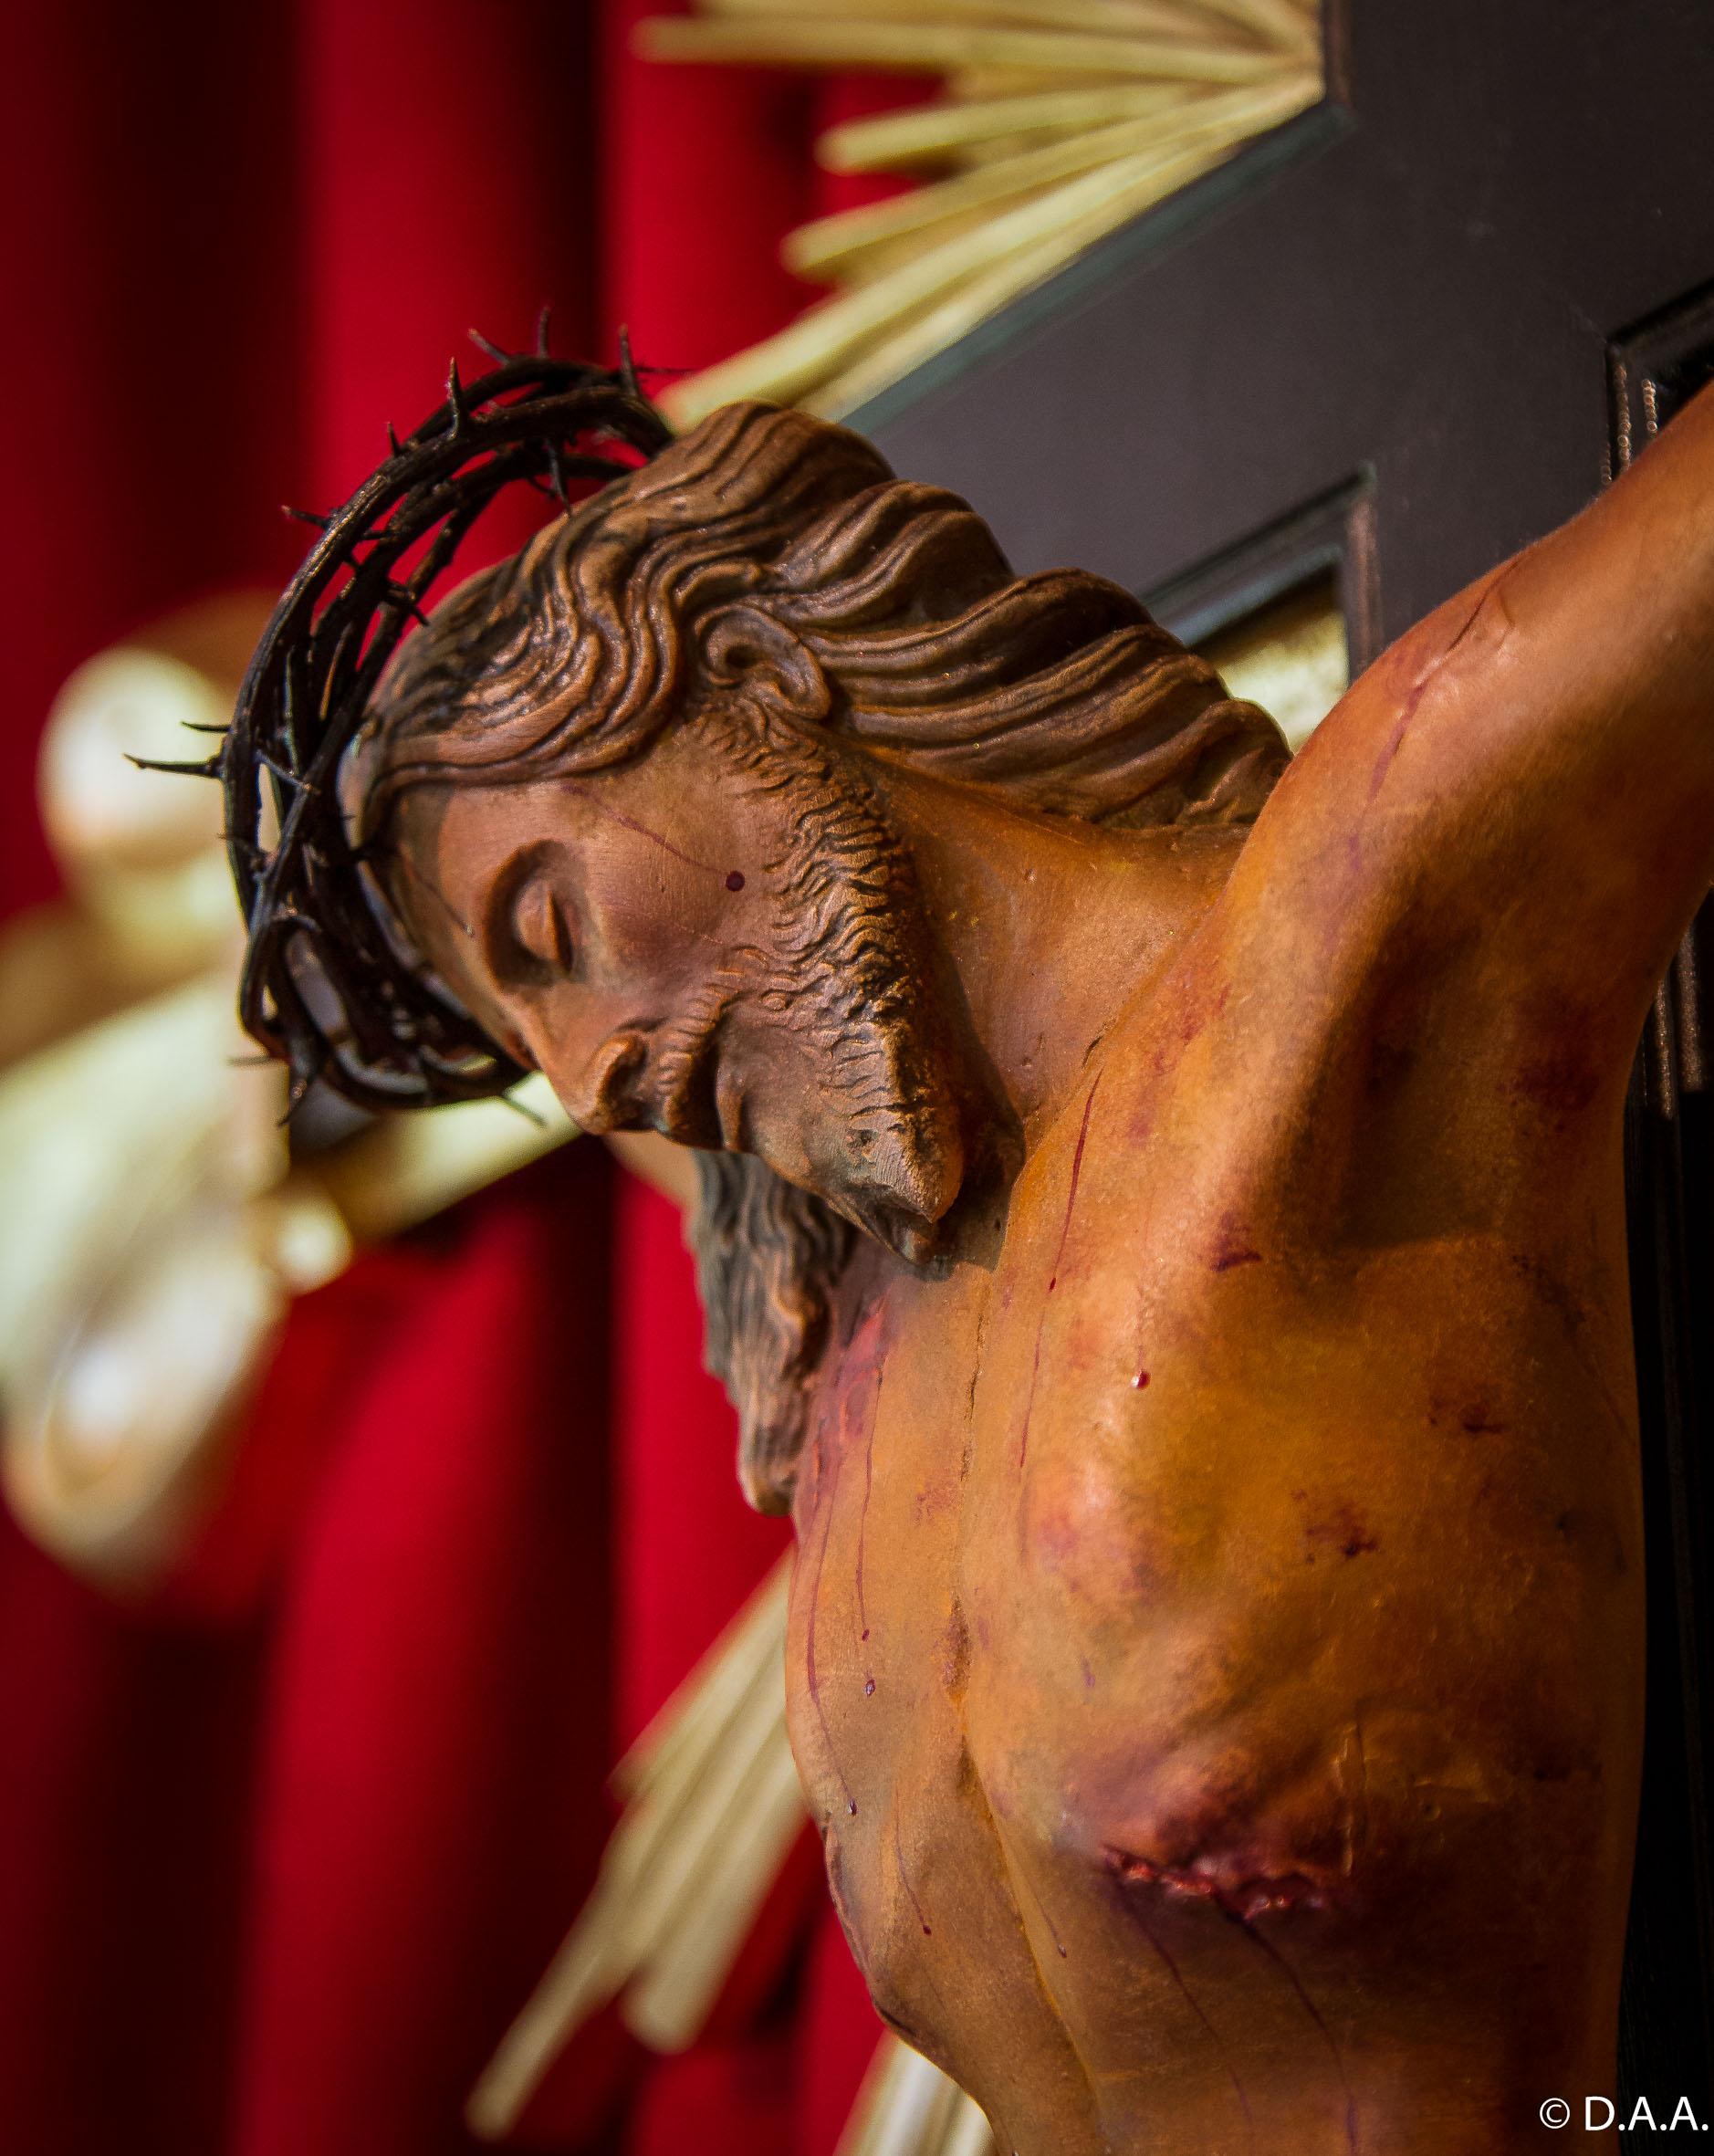 Chegou o tempo de penitência, de conversão e de salvação